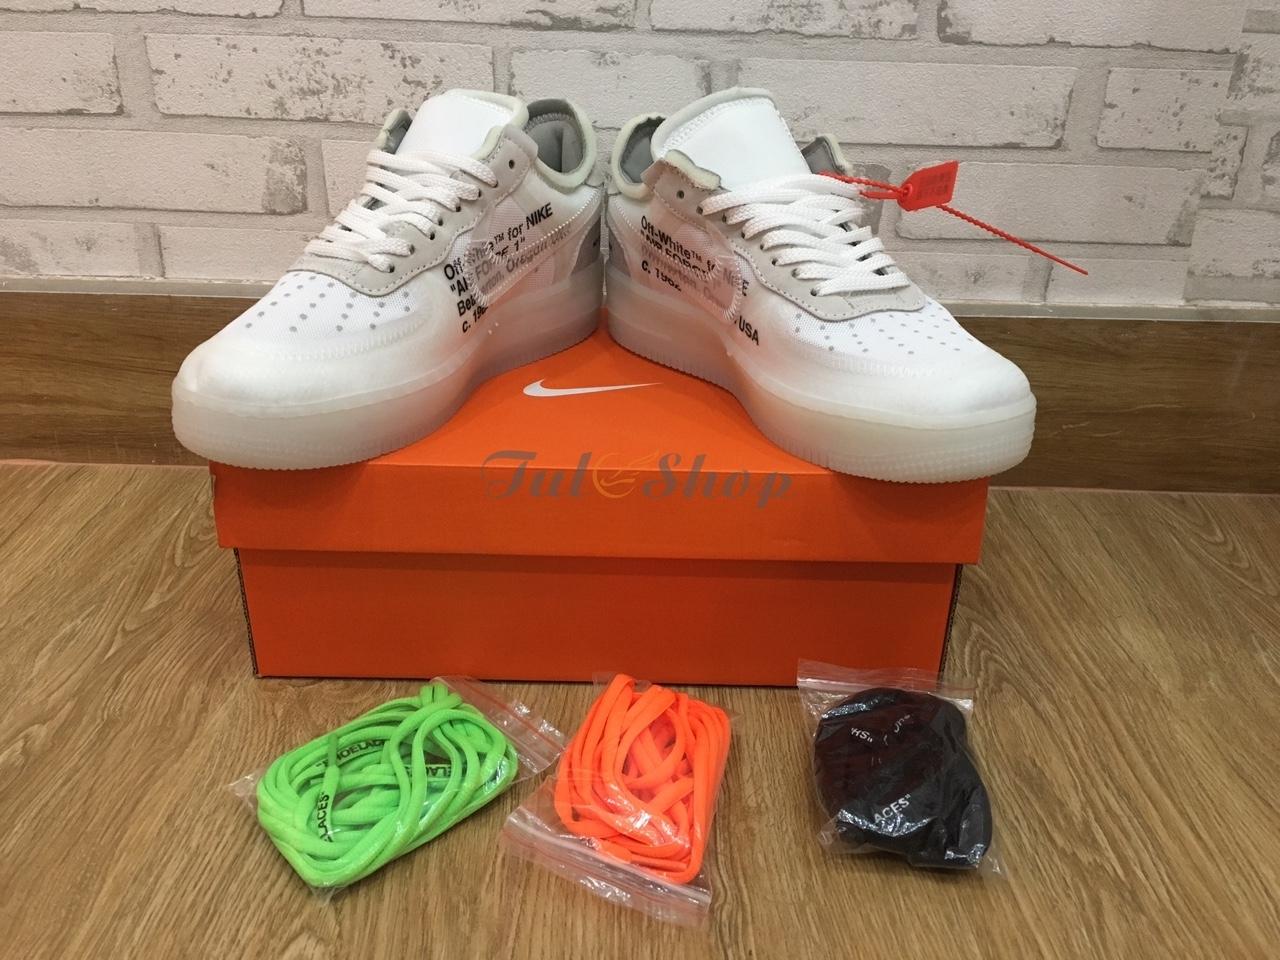 Những điểm nổi bật của dòng sản phẩm Nike Air Force 1 Low Off White dành cho Nam & Nữ